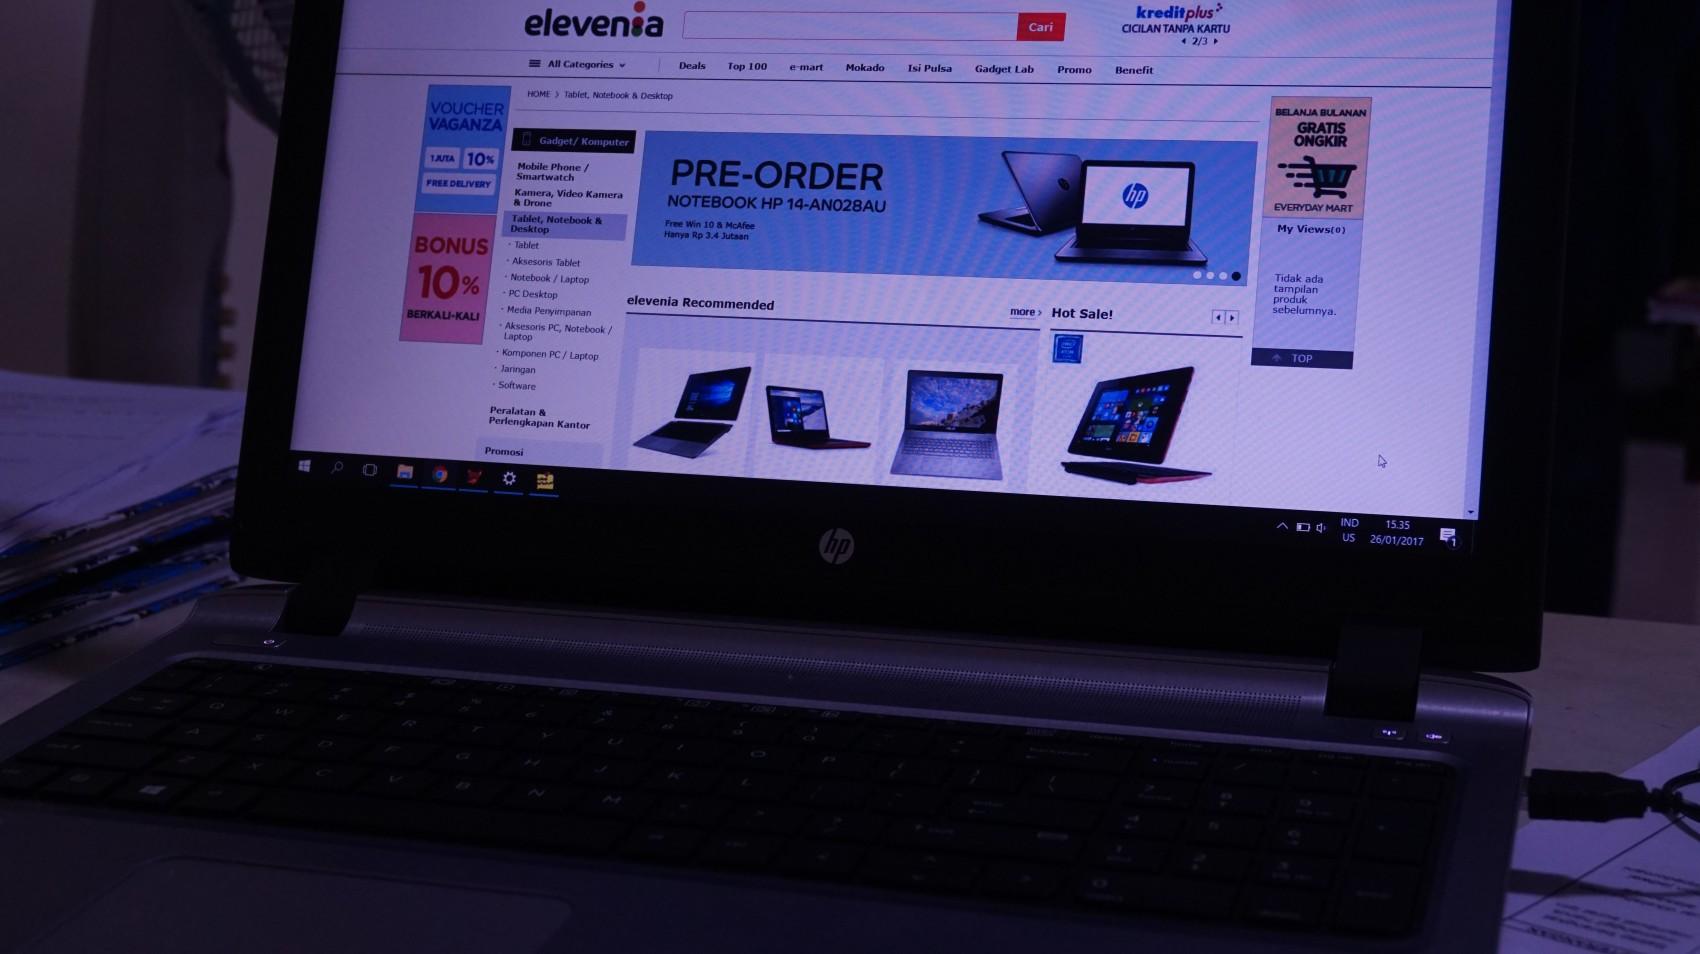 ctg-tablet-notebook-desktop